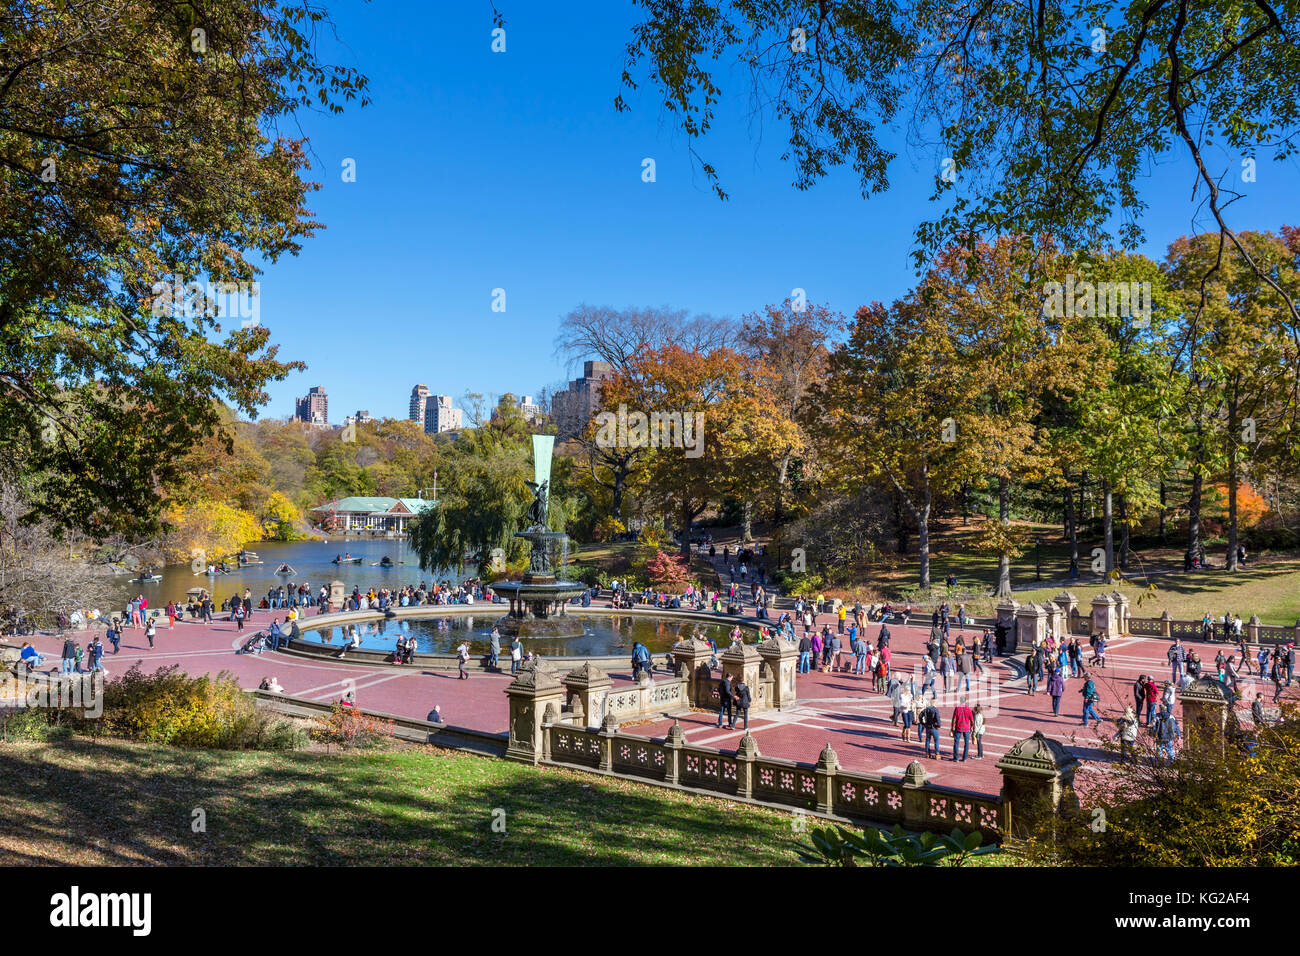 Fontana di Bethesda, al Central Park di New York City, NY, STATI UNITI D'AMERICA Immagini Stock